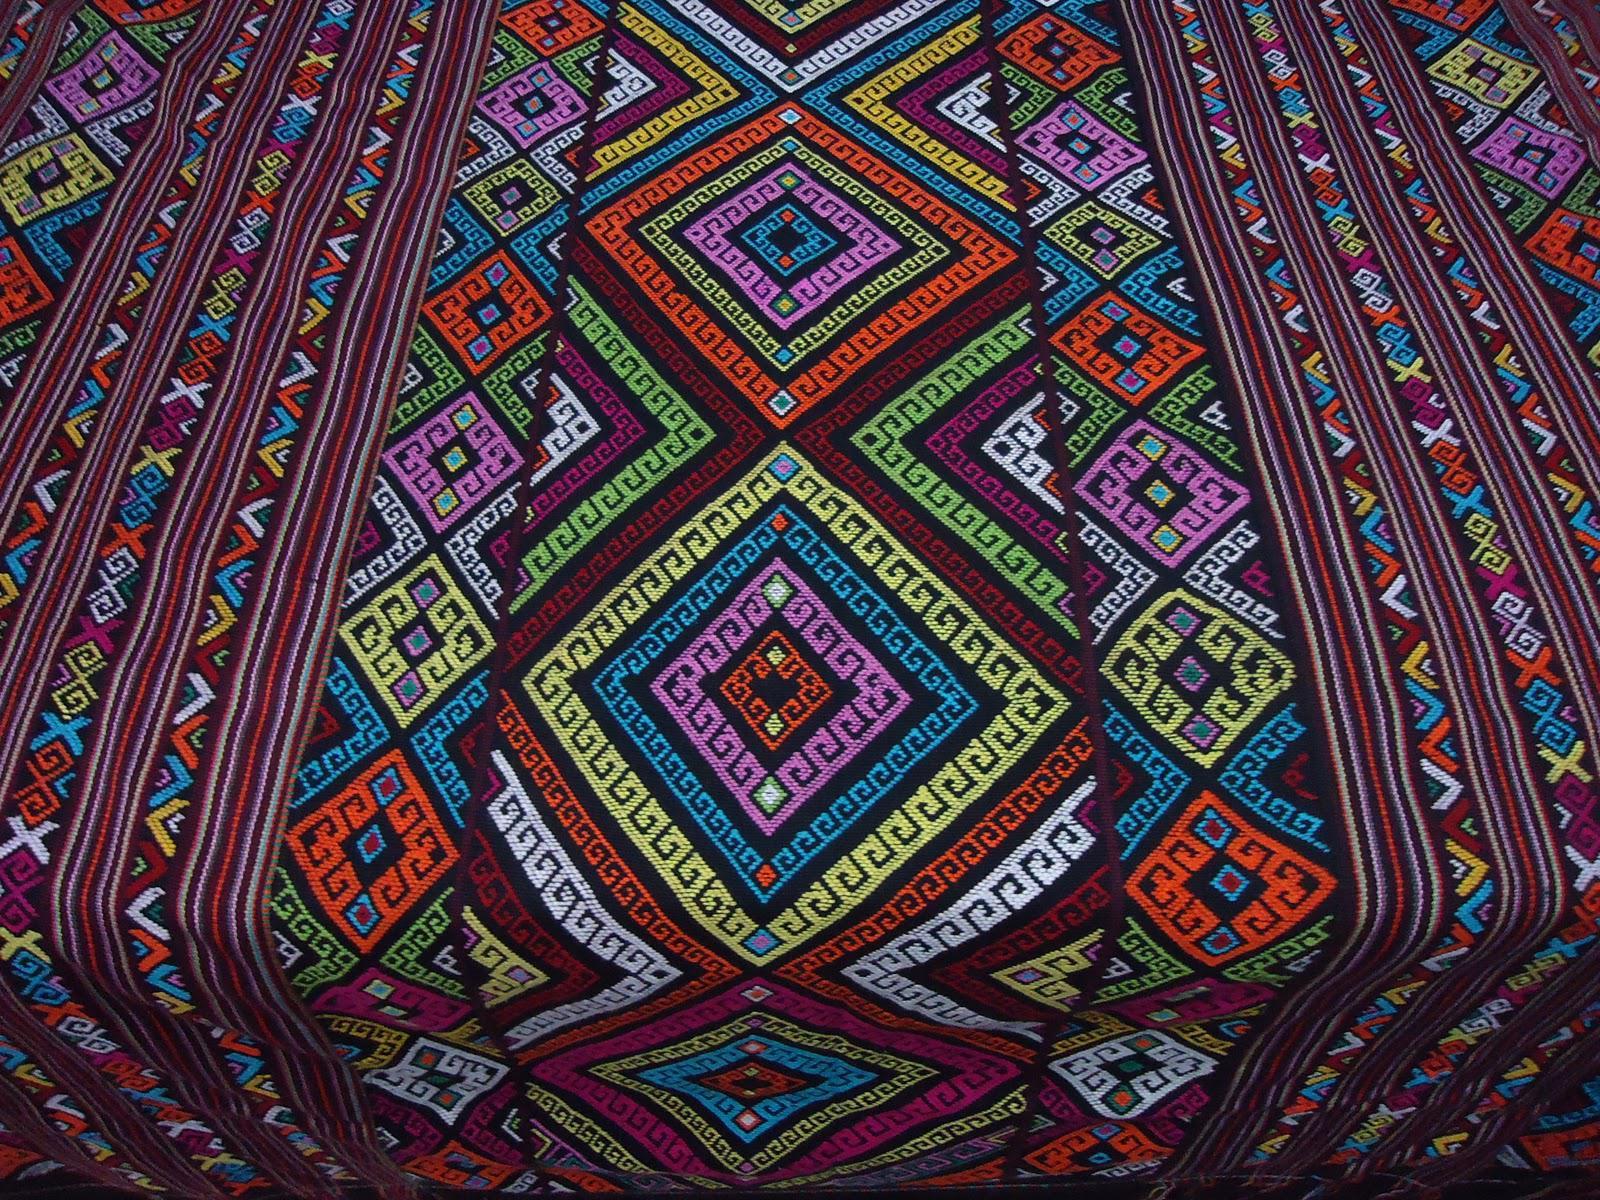 Ilustrasi Bisnis Kain Tenun | Sumber Foto:  lindarania22.wordpress.com